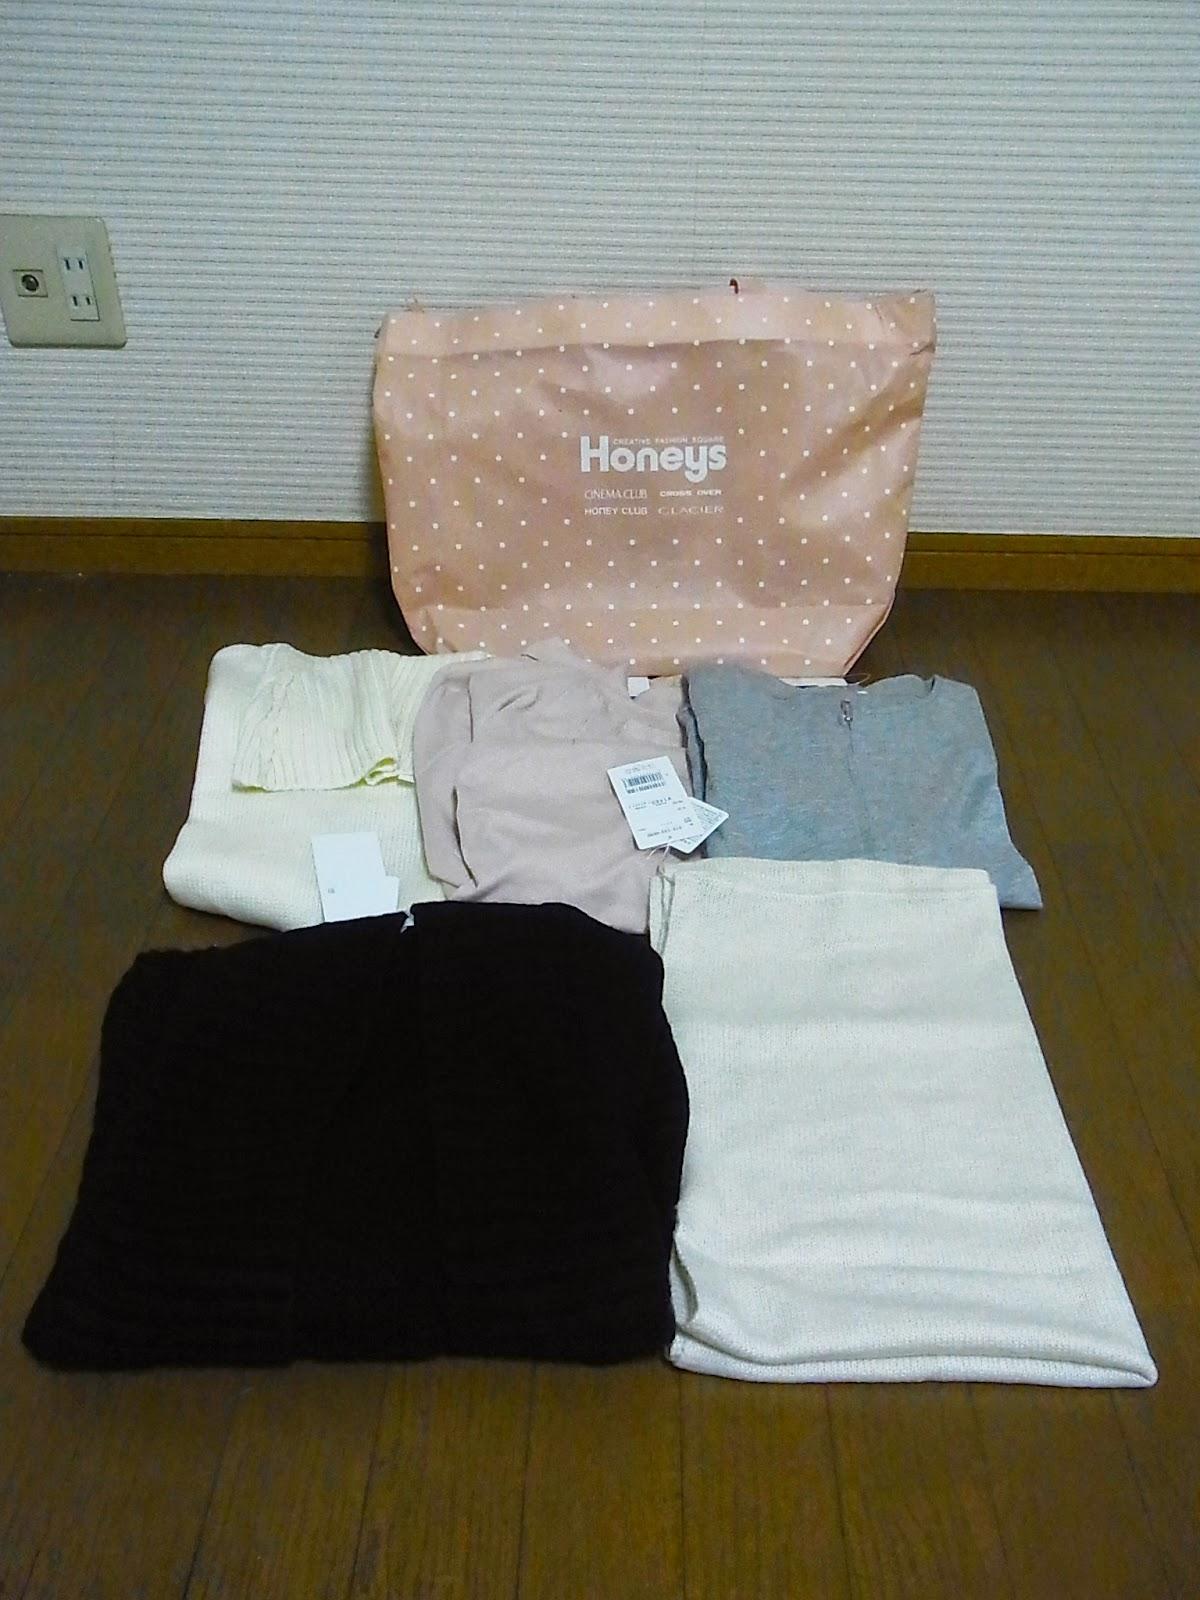 2015年ハニーズ福袋5千円フェミニンLサイズの中身をネタバレします。あたりでした。買ってよかった。